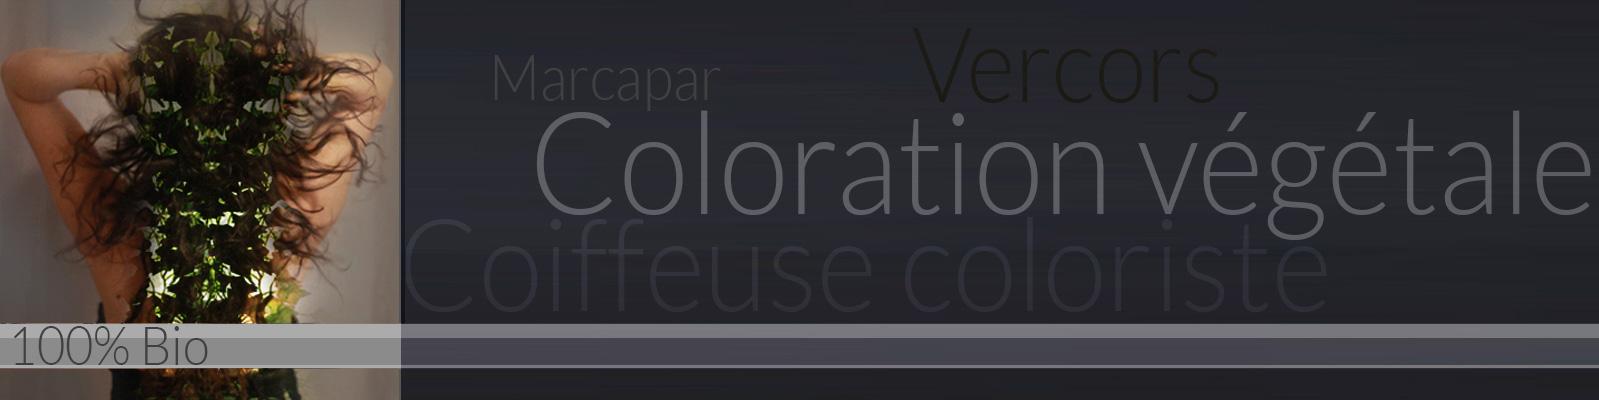 Bandeau Coloration végétale - Marcapar - Les cuisiniers du cheveu - Brind'folly - Vercors - Grenoble